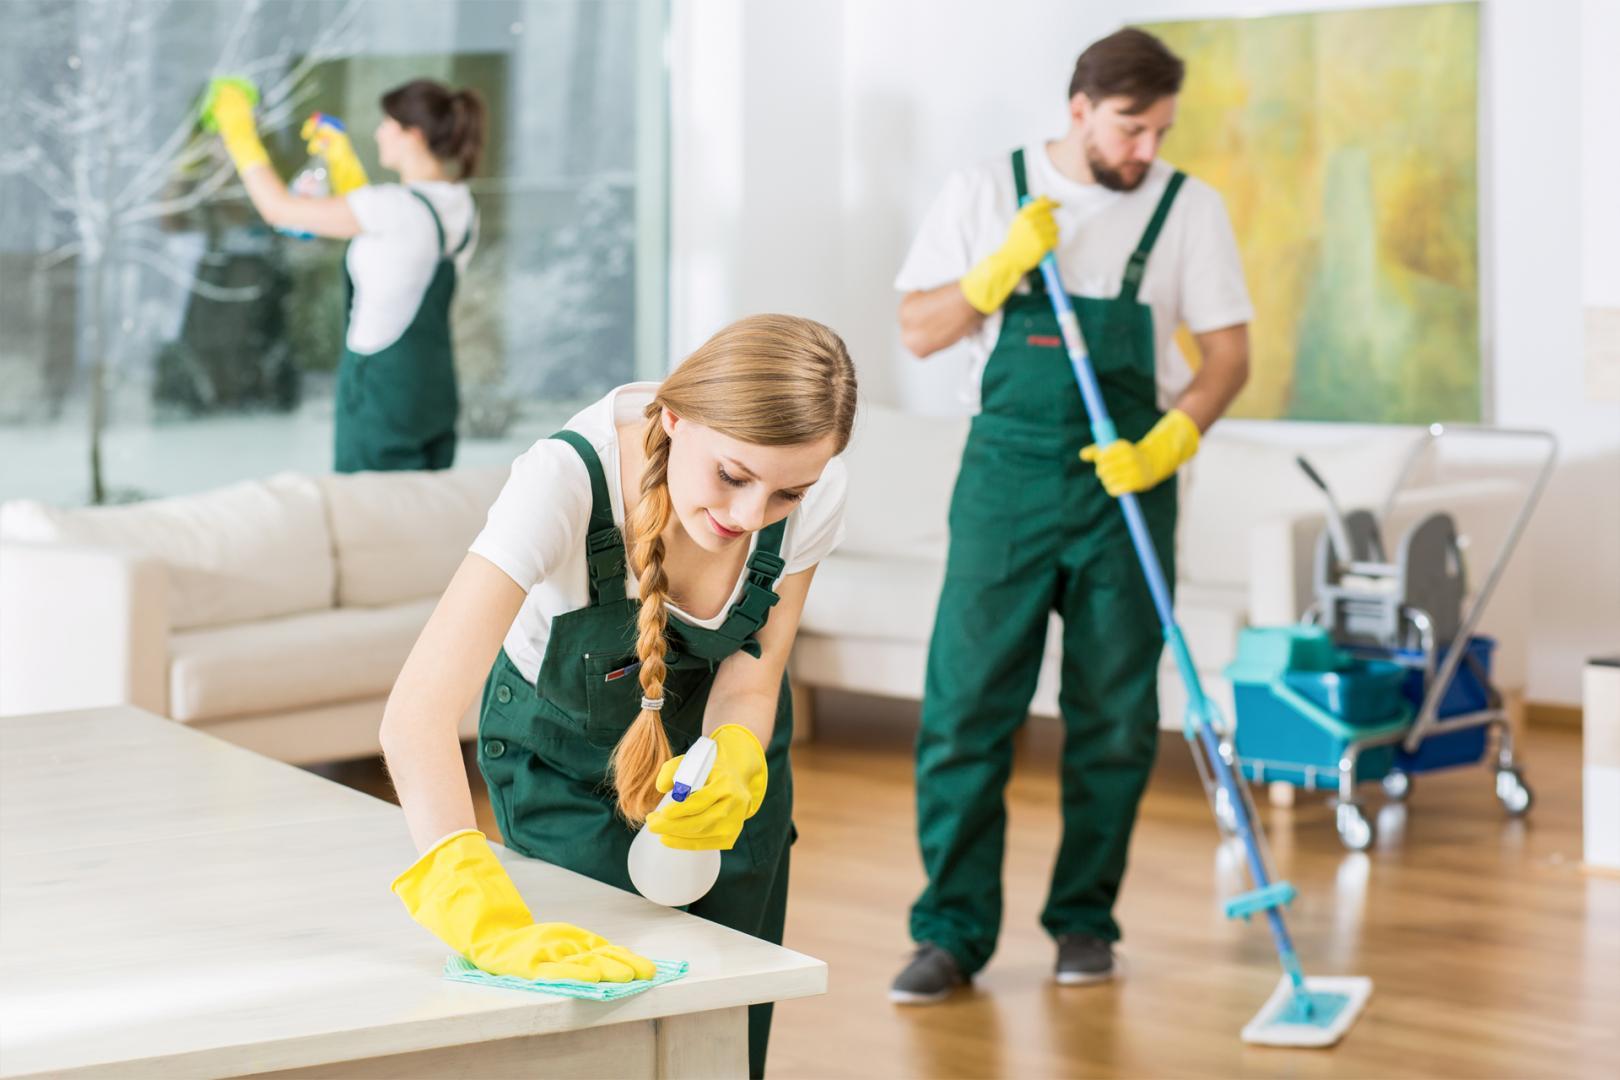 Quels critères pour bien choisir une entreprise de nettoyage?